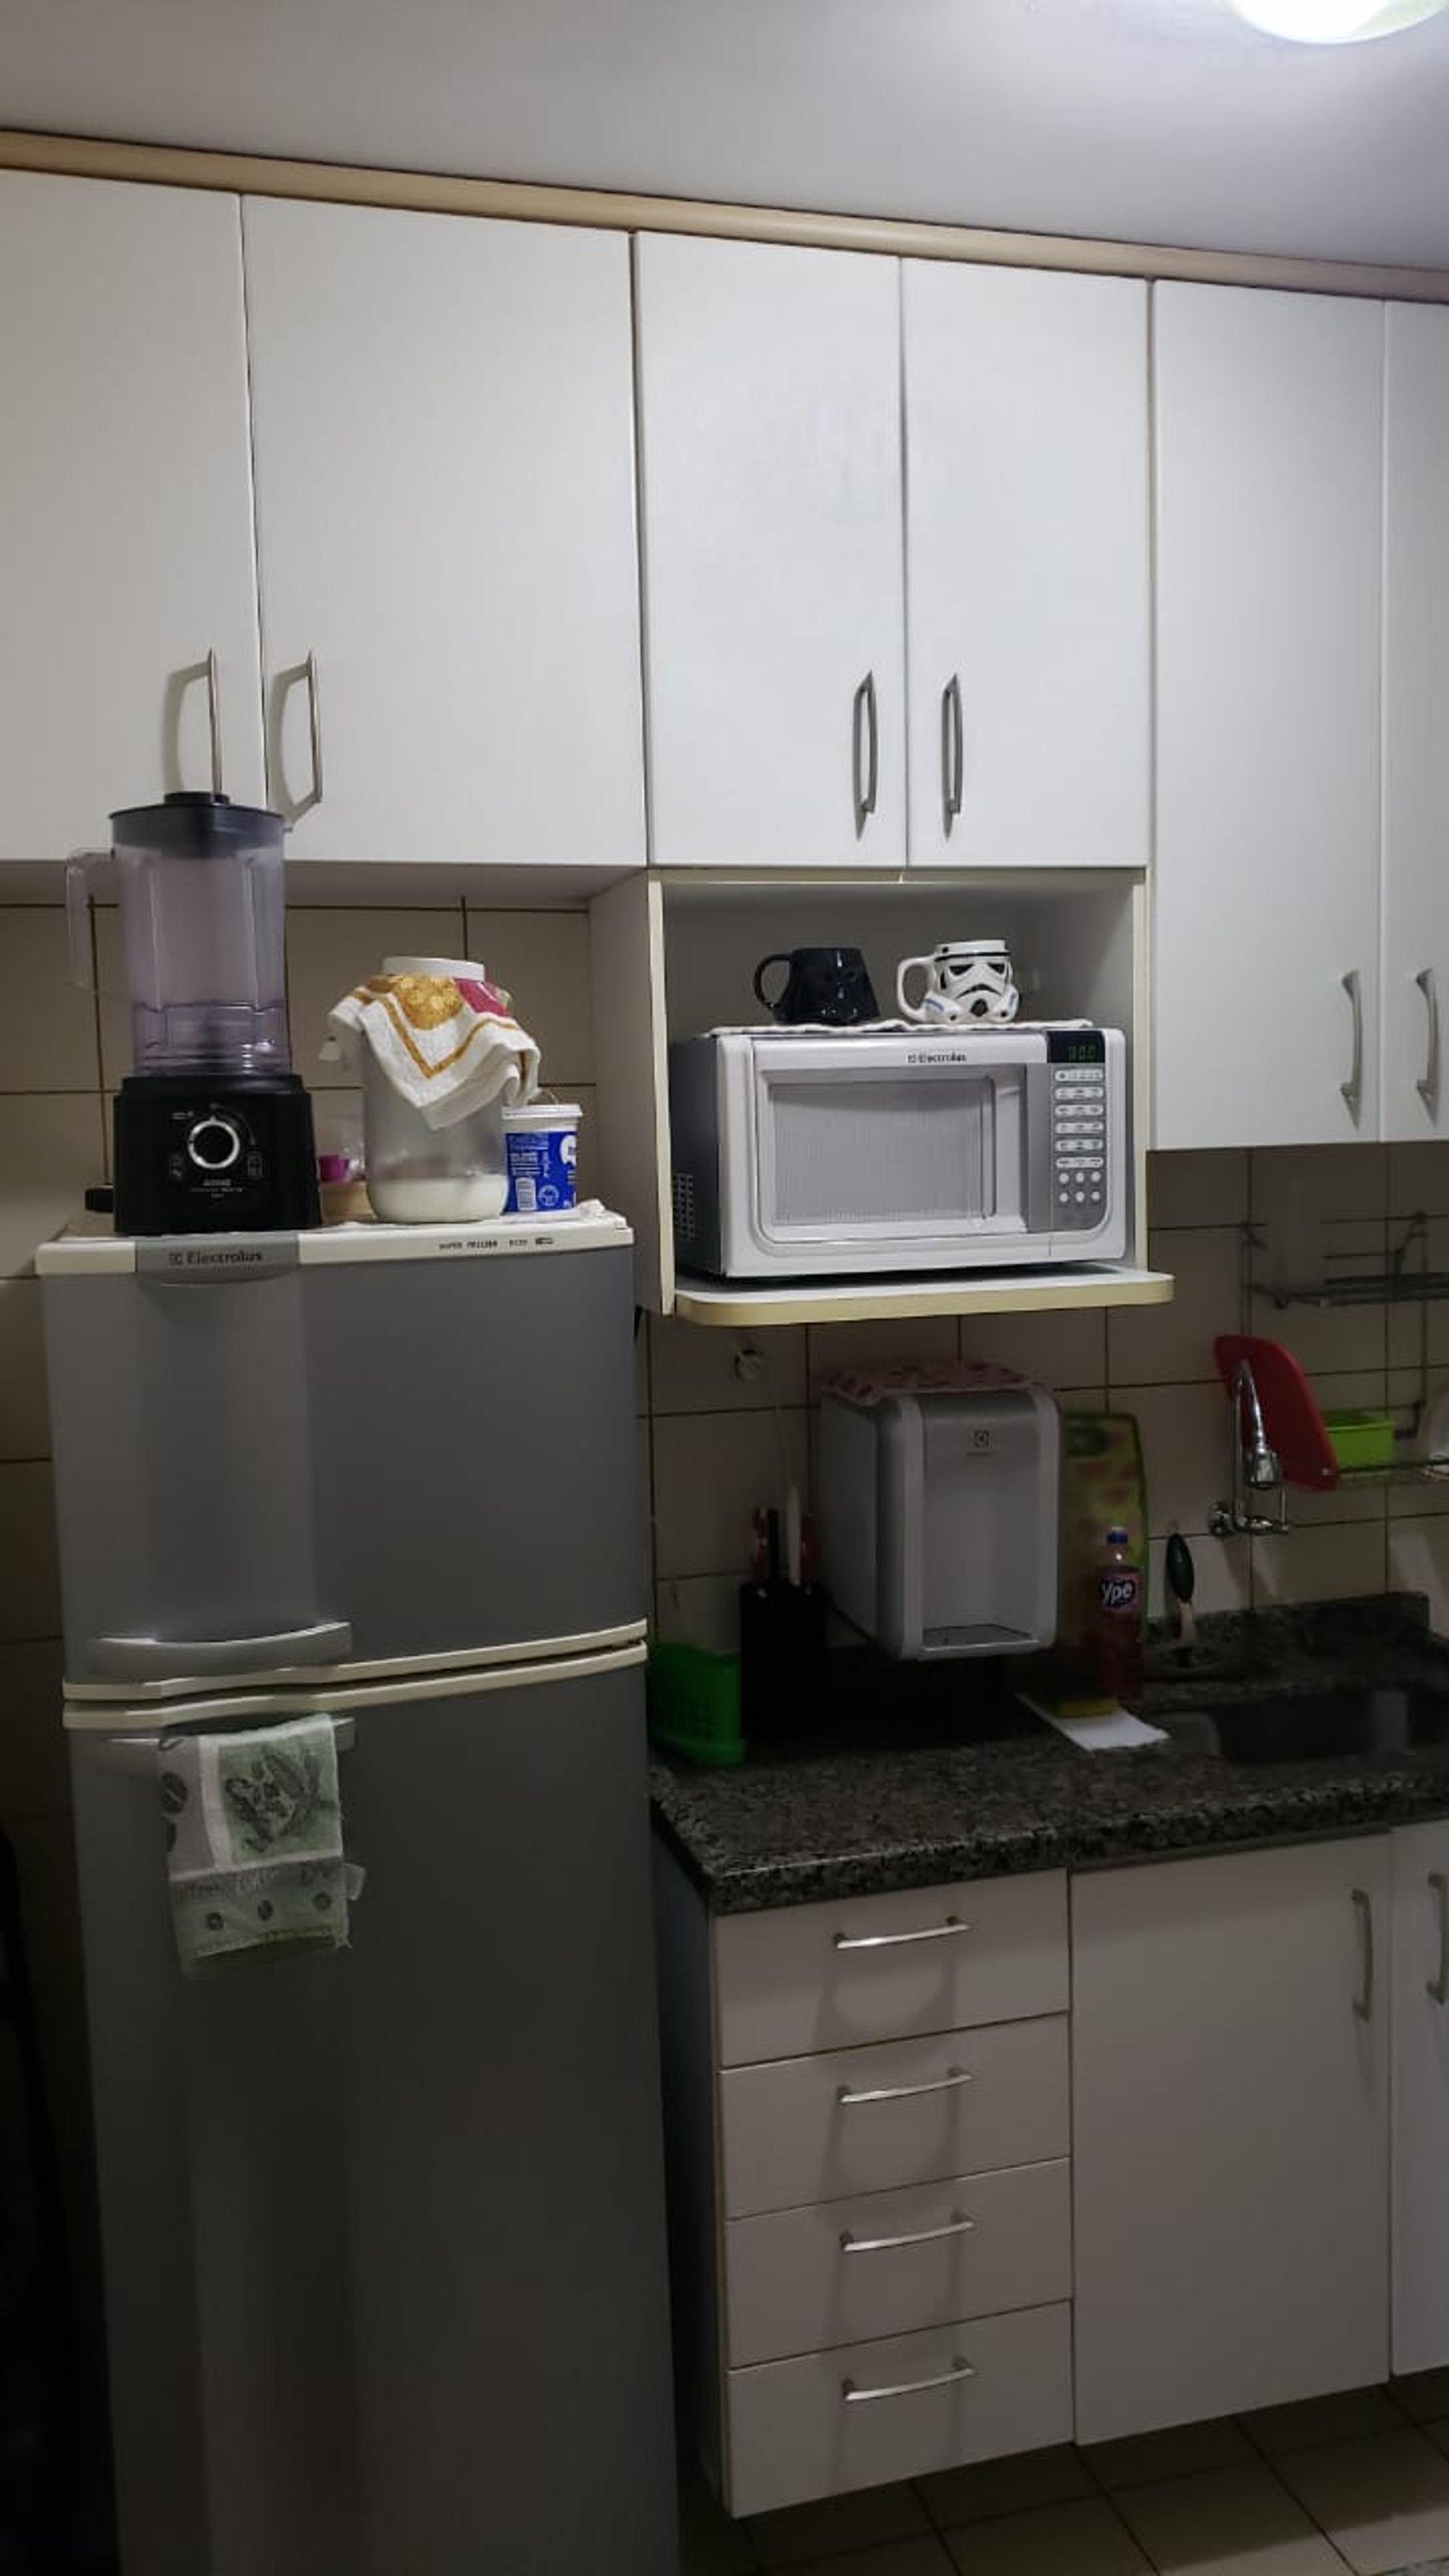 Foto de Cozinha com geladeira, microondas